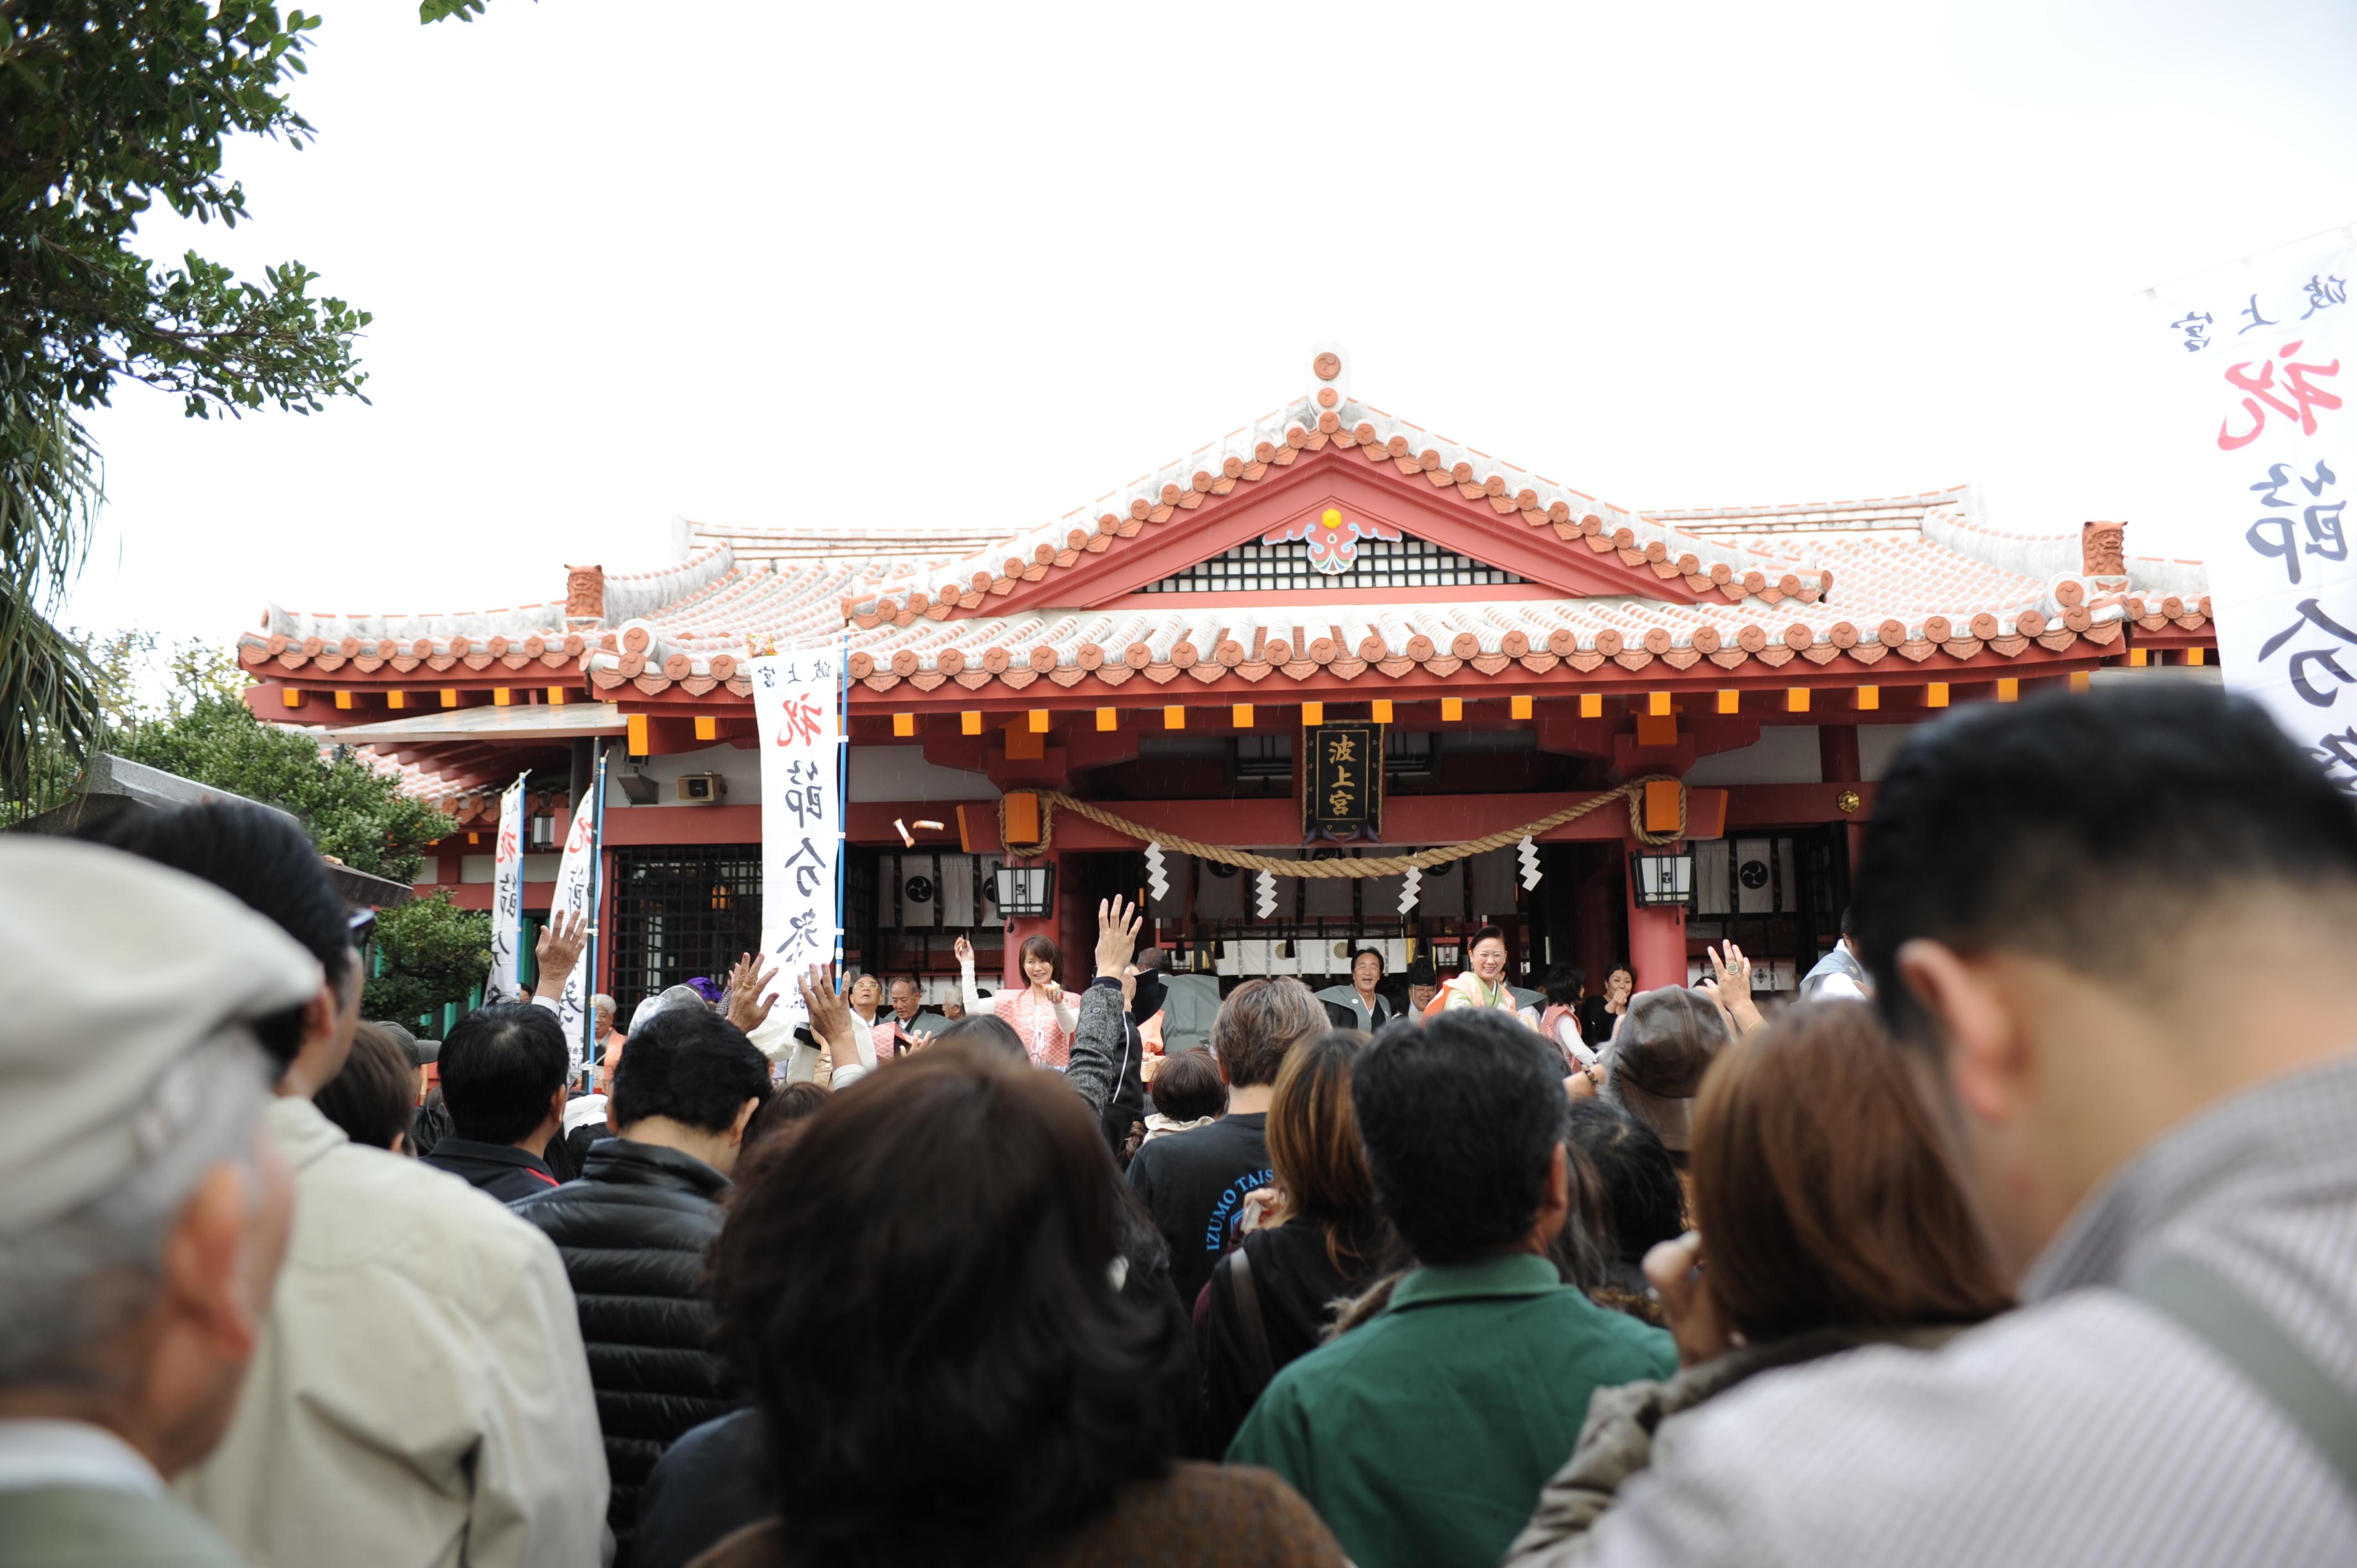 http://naminouegu.jp/public/ND7_0118.JPG